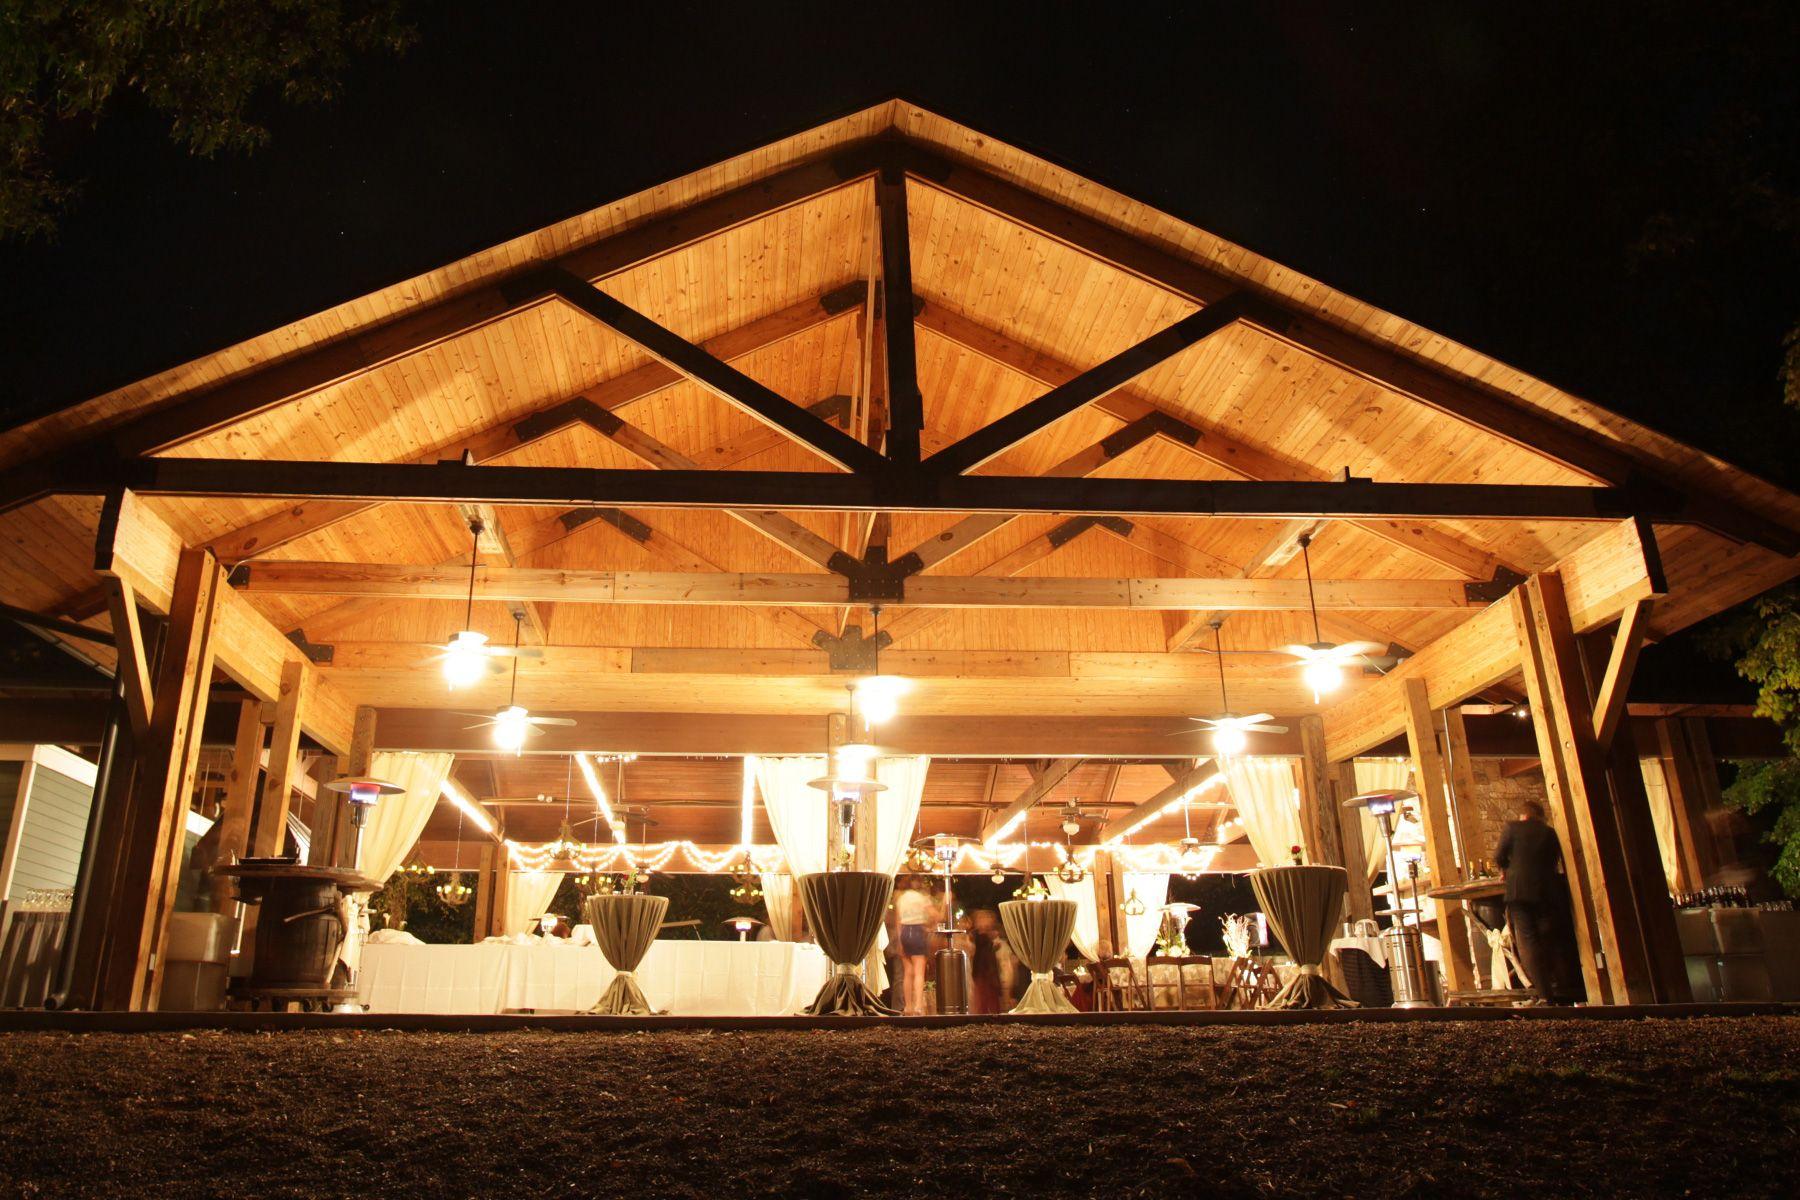 Brasstown-Valley-Wedding-Venues-in-Georgia-Wedding-Venues ...